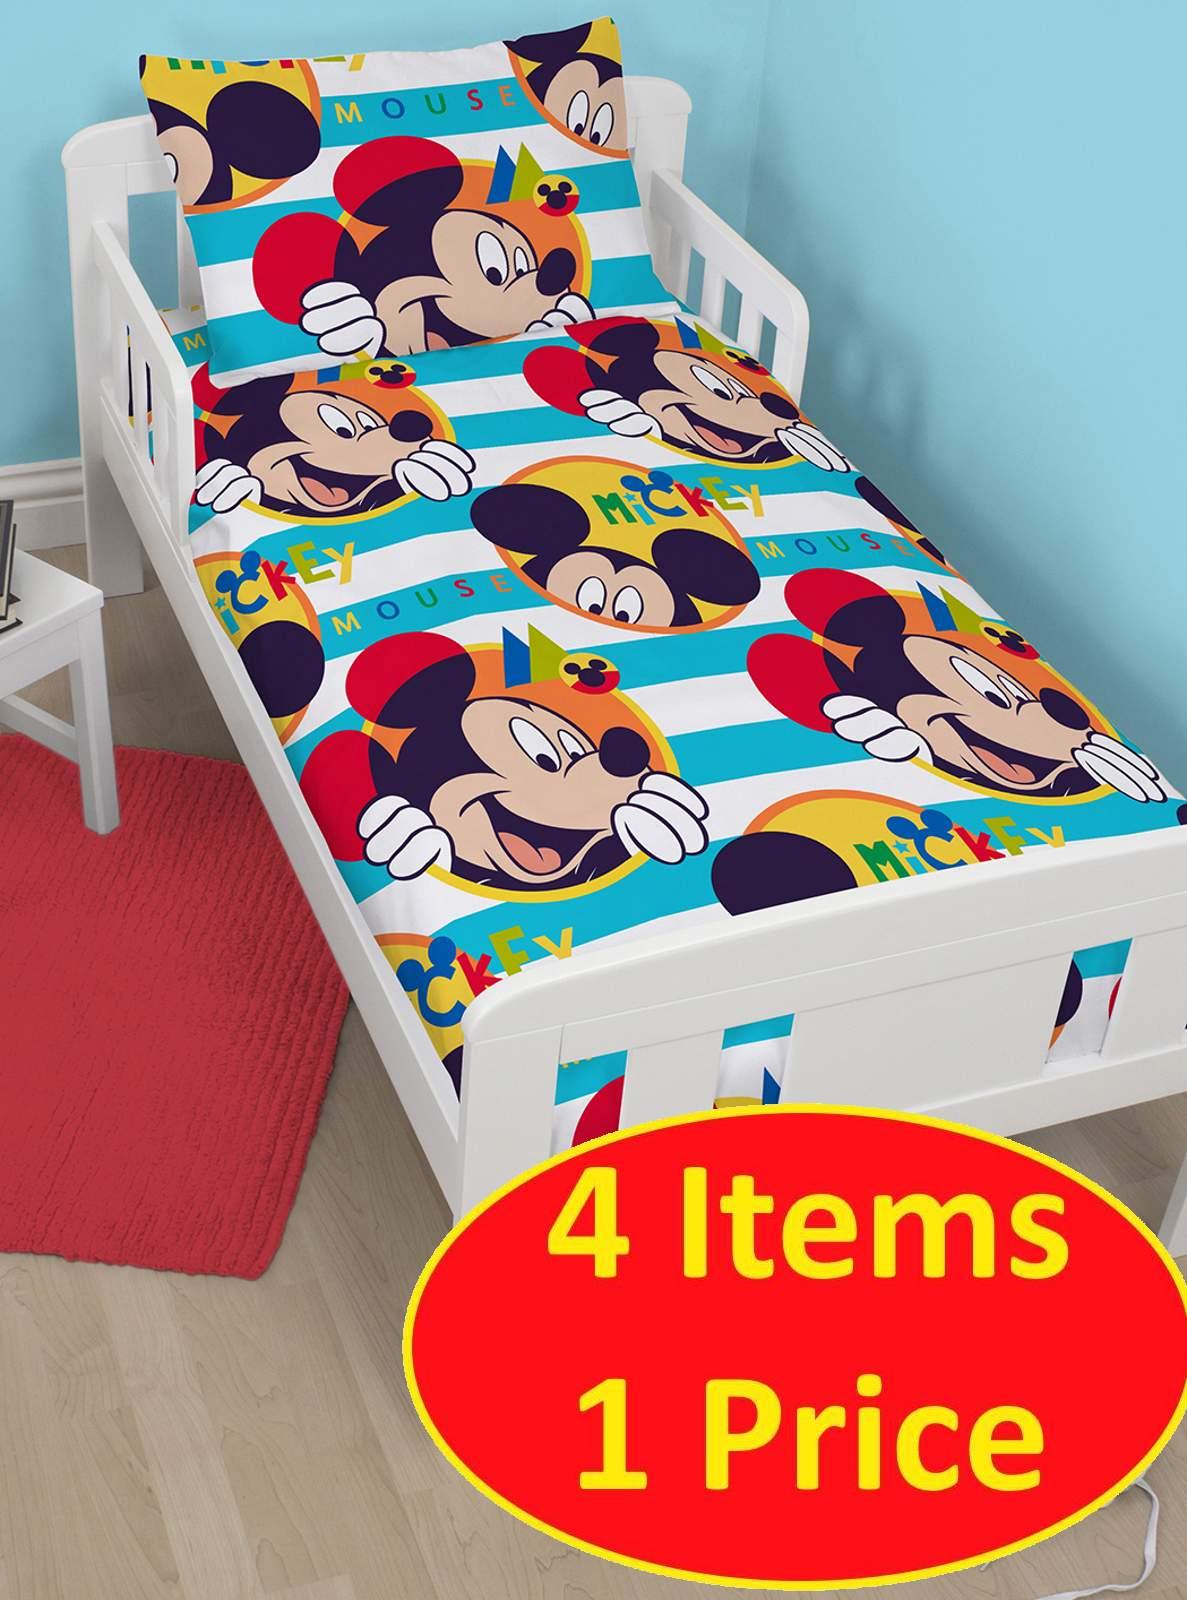 4 in 1 disney mickey mouse boo biancheria da letto junior bundle per culla ebay - Biancheria letto disney ...